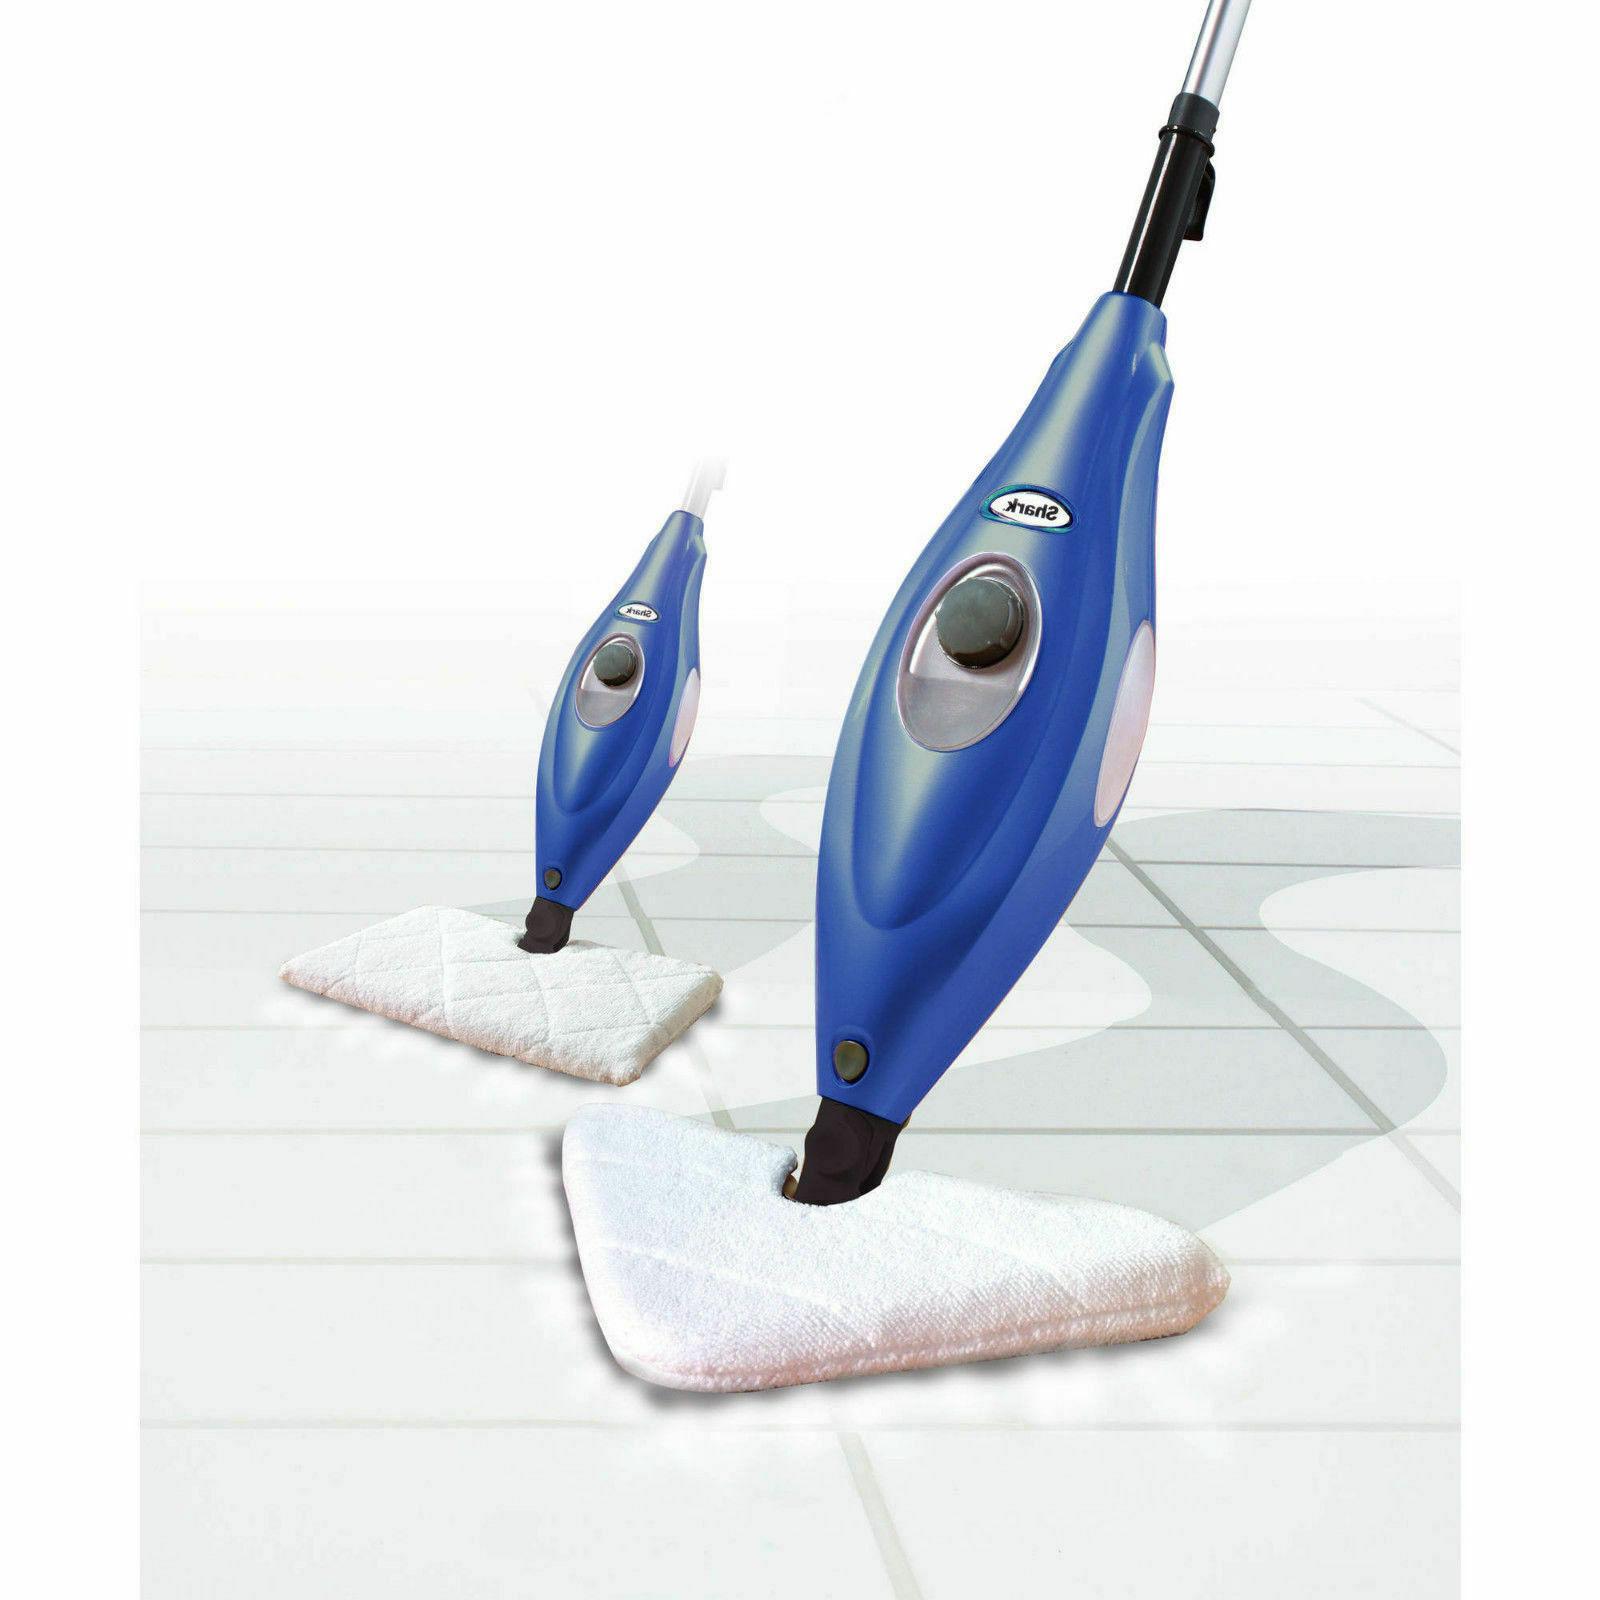 Mop Multi Floor Cleaner, Blue